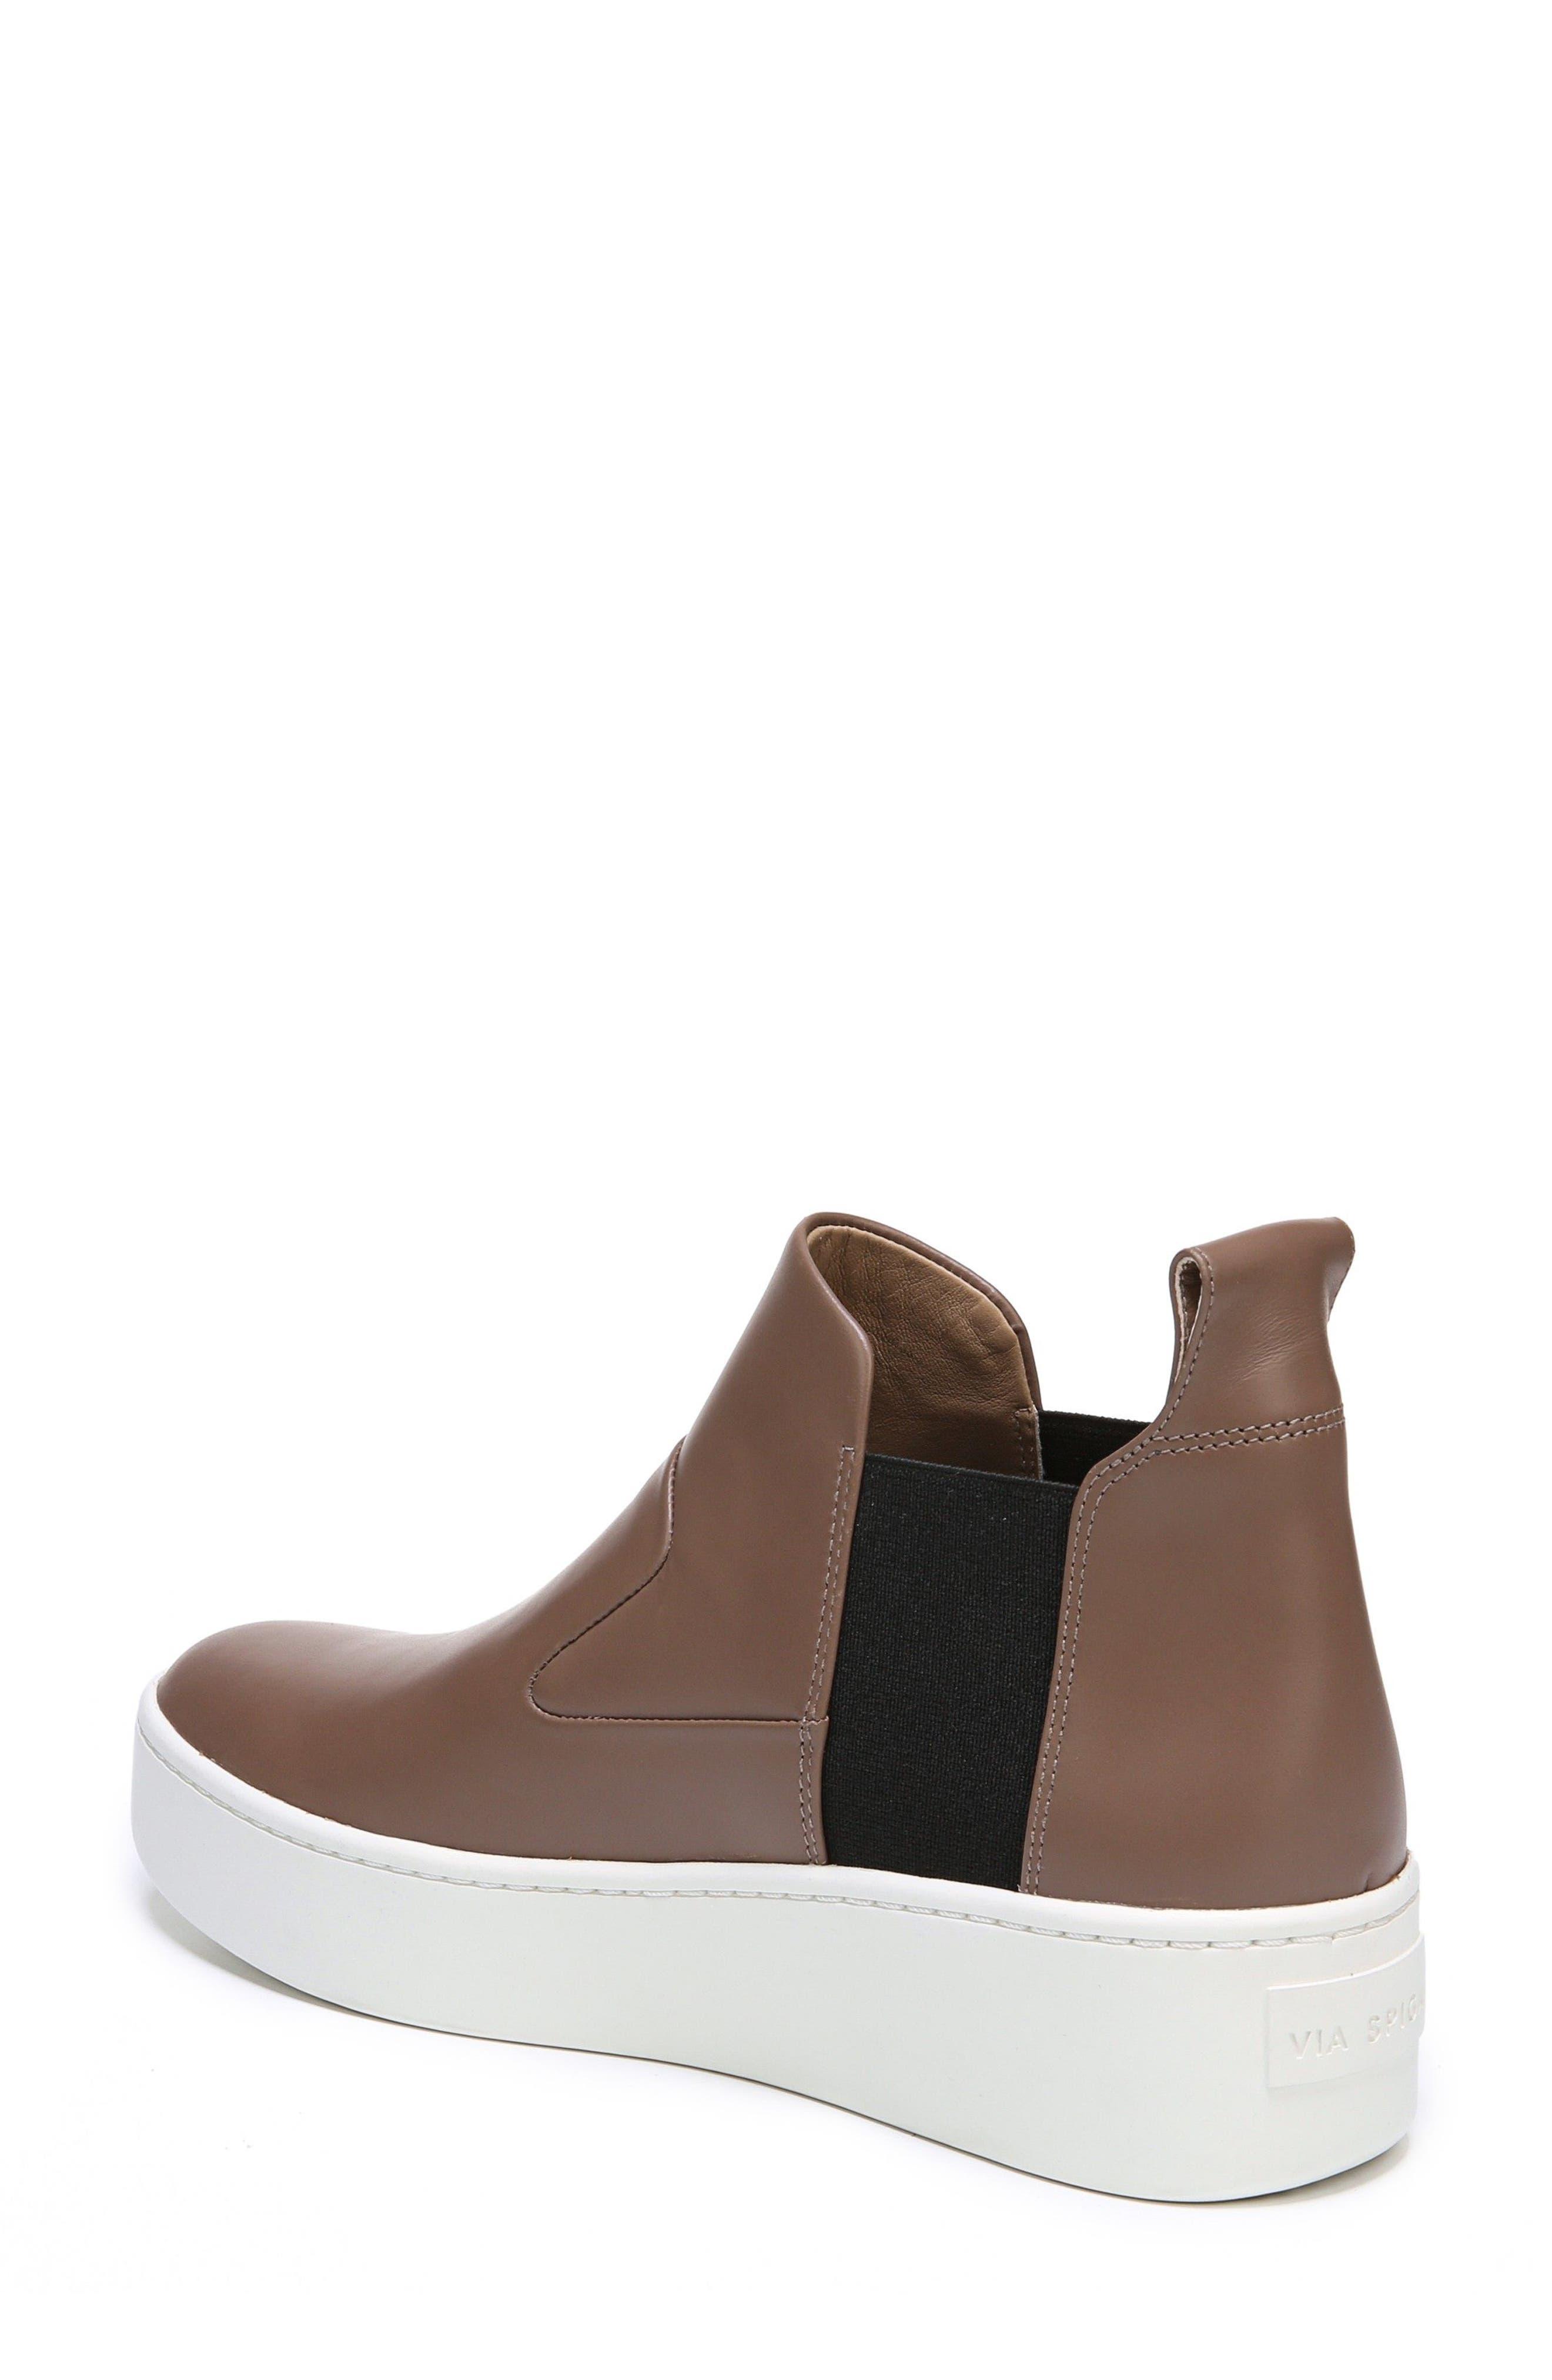 Eren Slip-On High Top Sneaker,                             Alternate thumbnail 6, color,